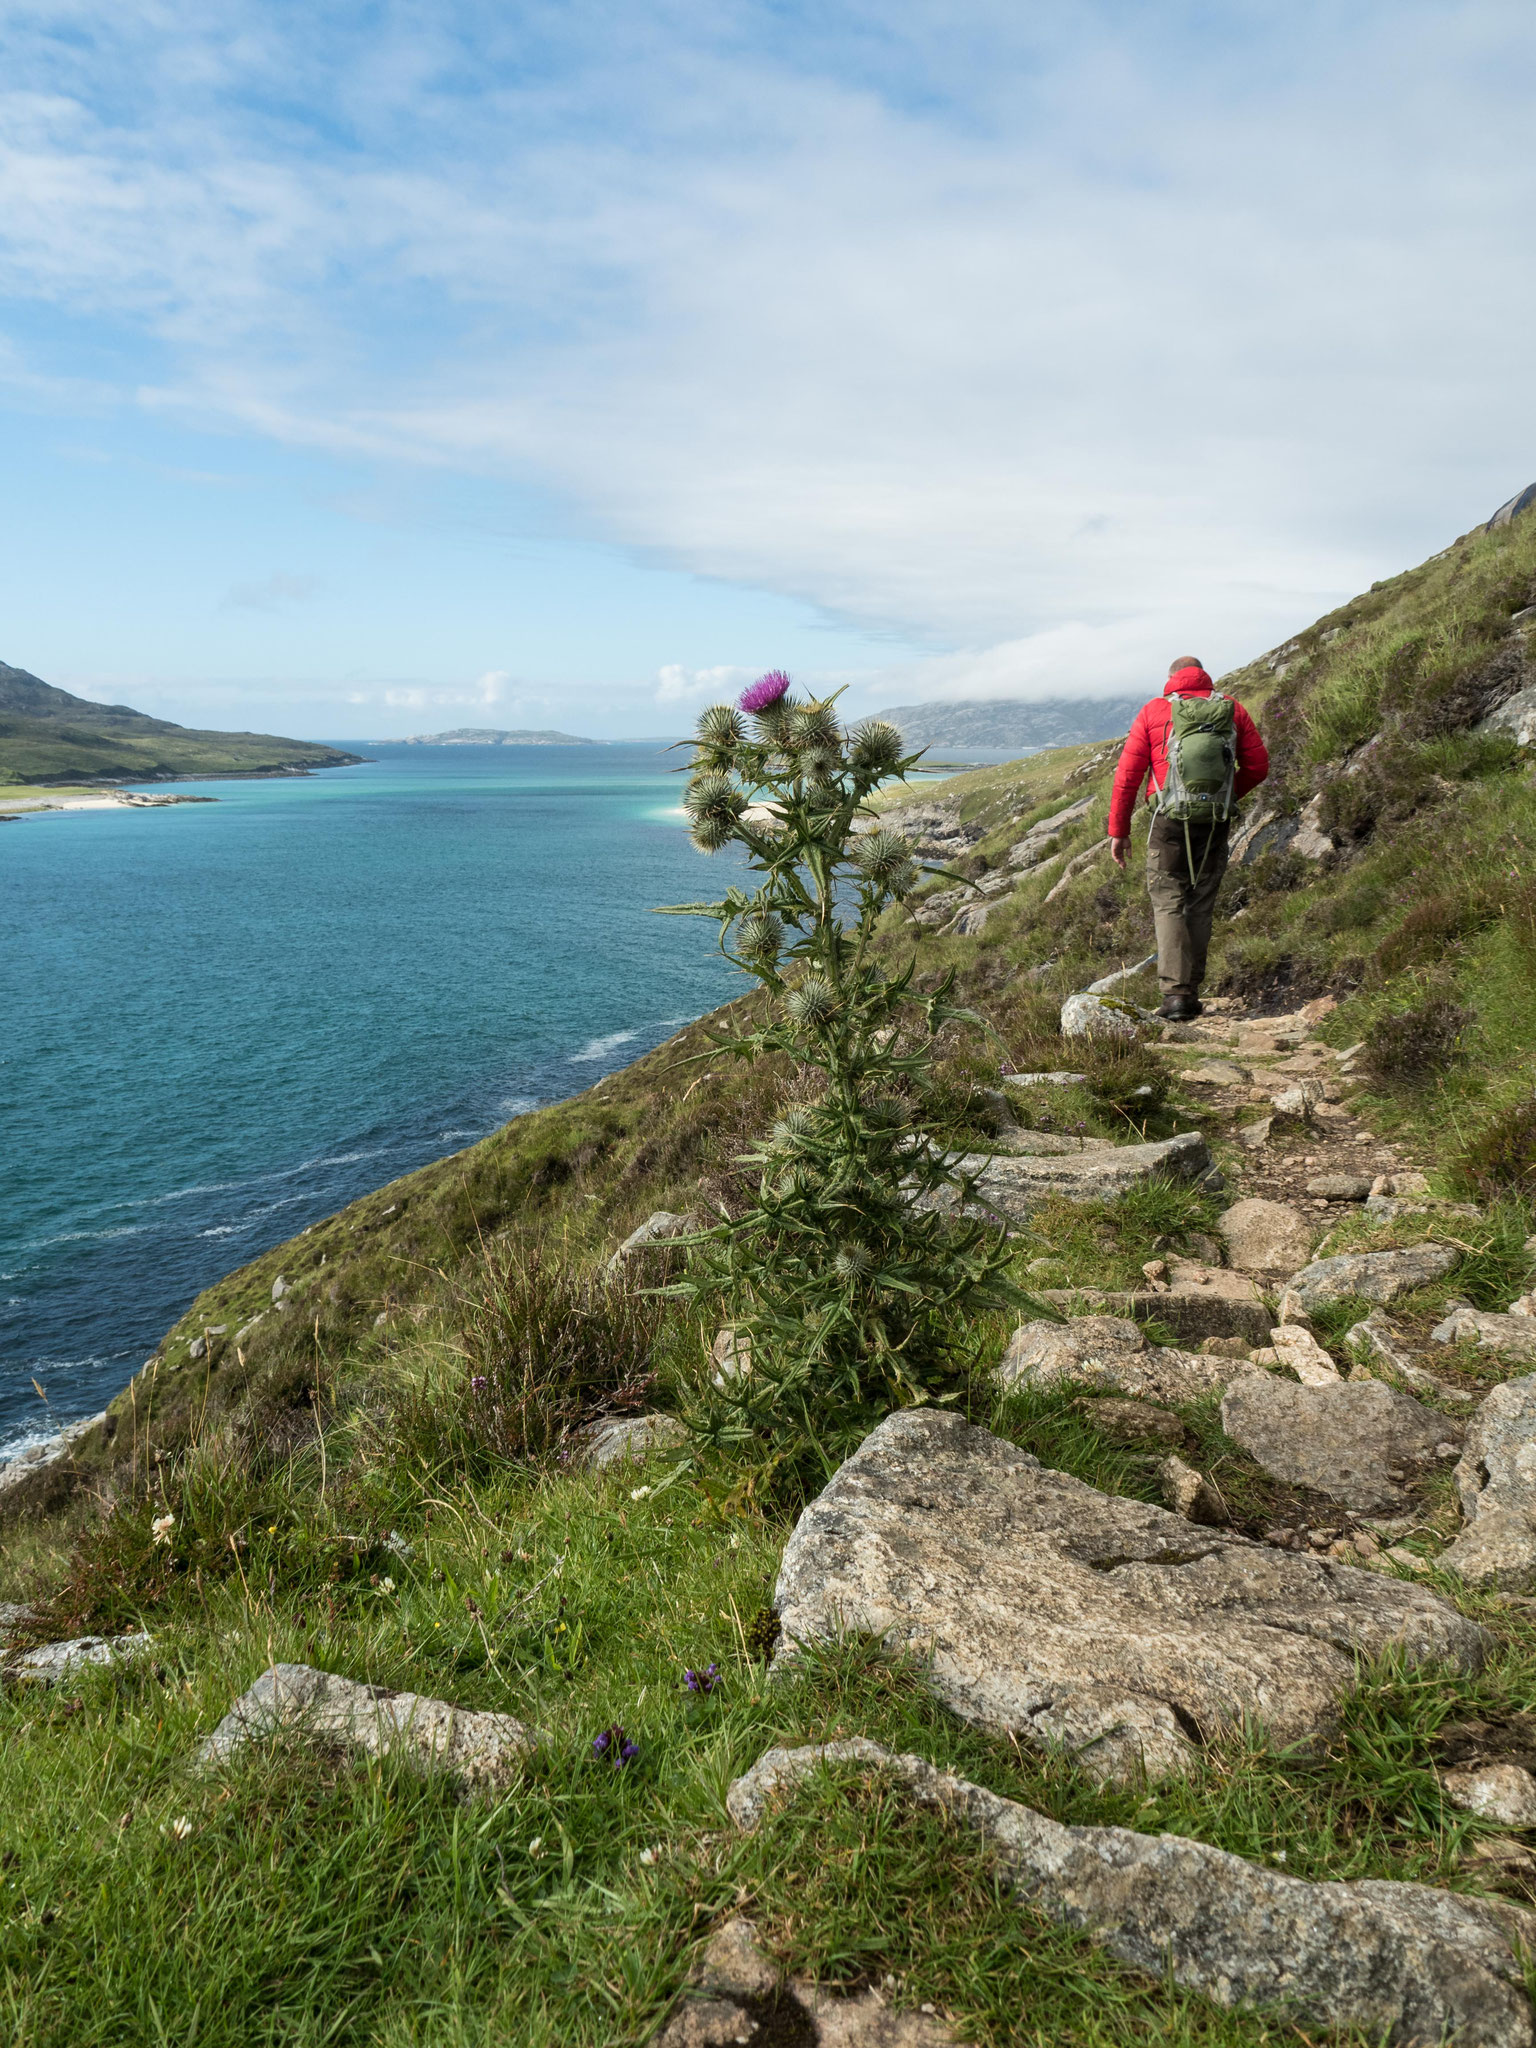 Bild: Wanderung zum Strand von Traigh Mheileig